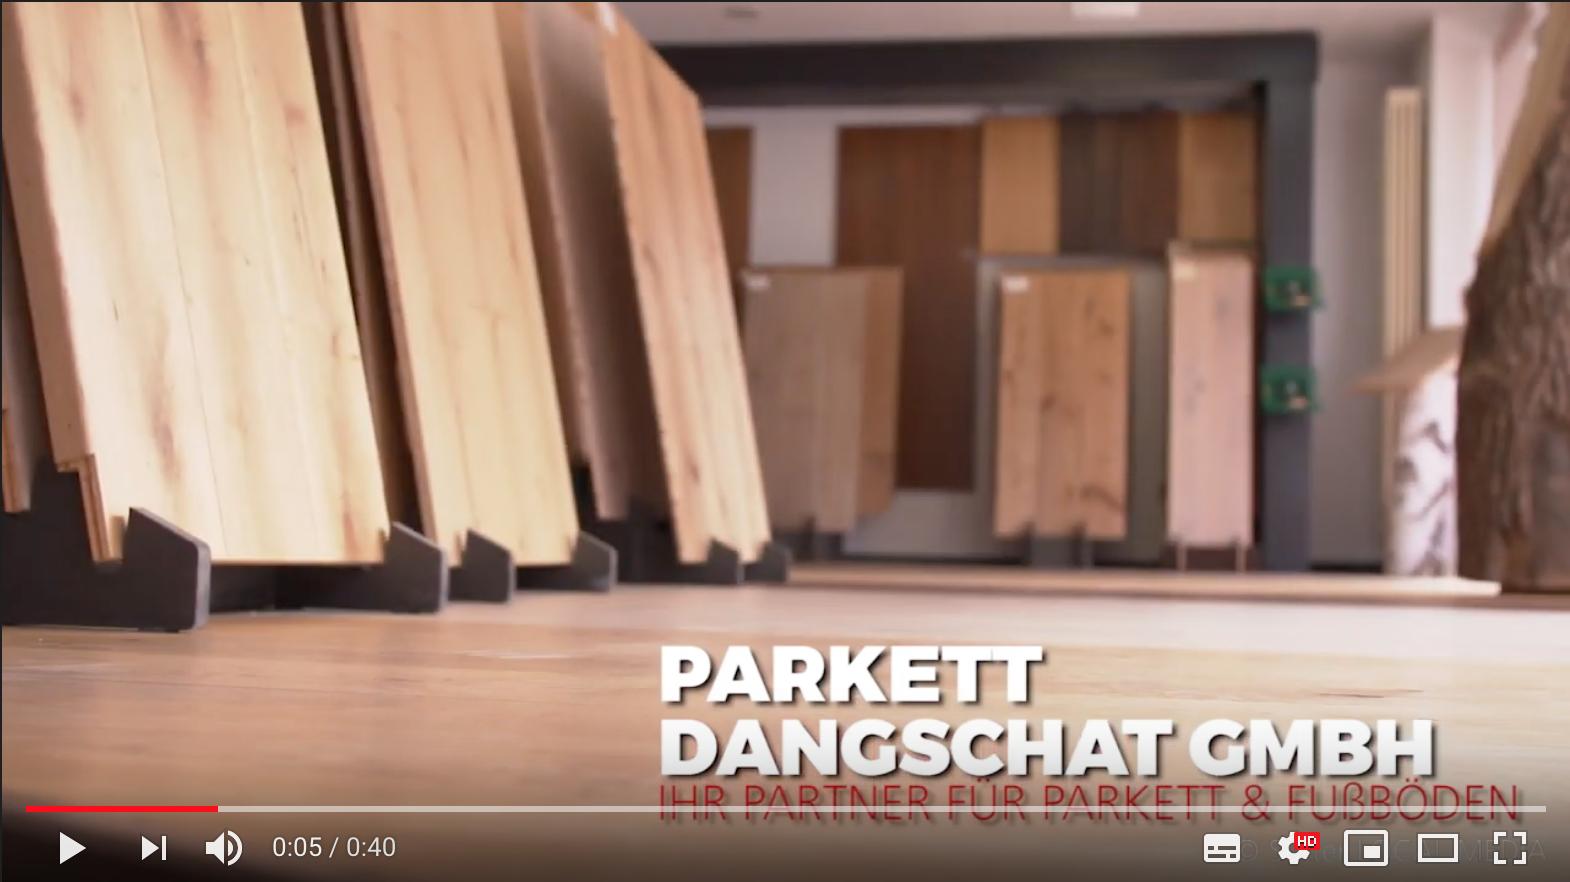 Holzmuster bei Parkett Dangschat in Essen